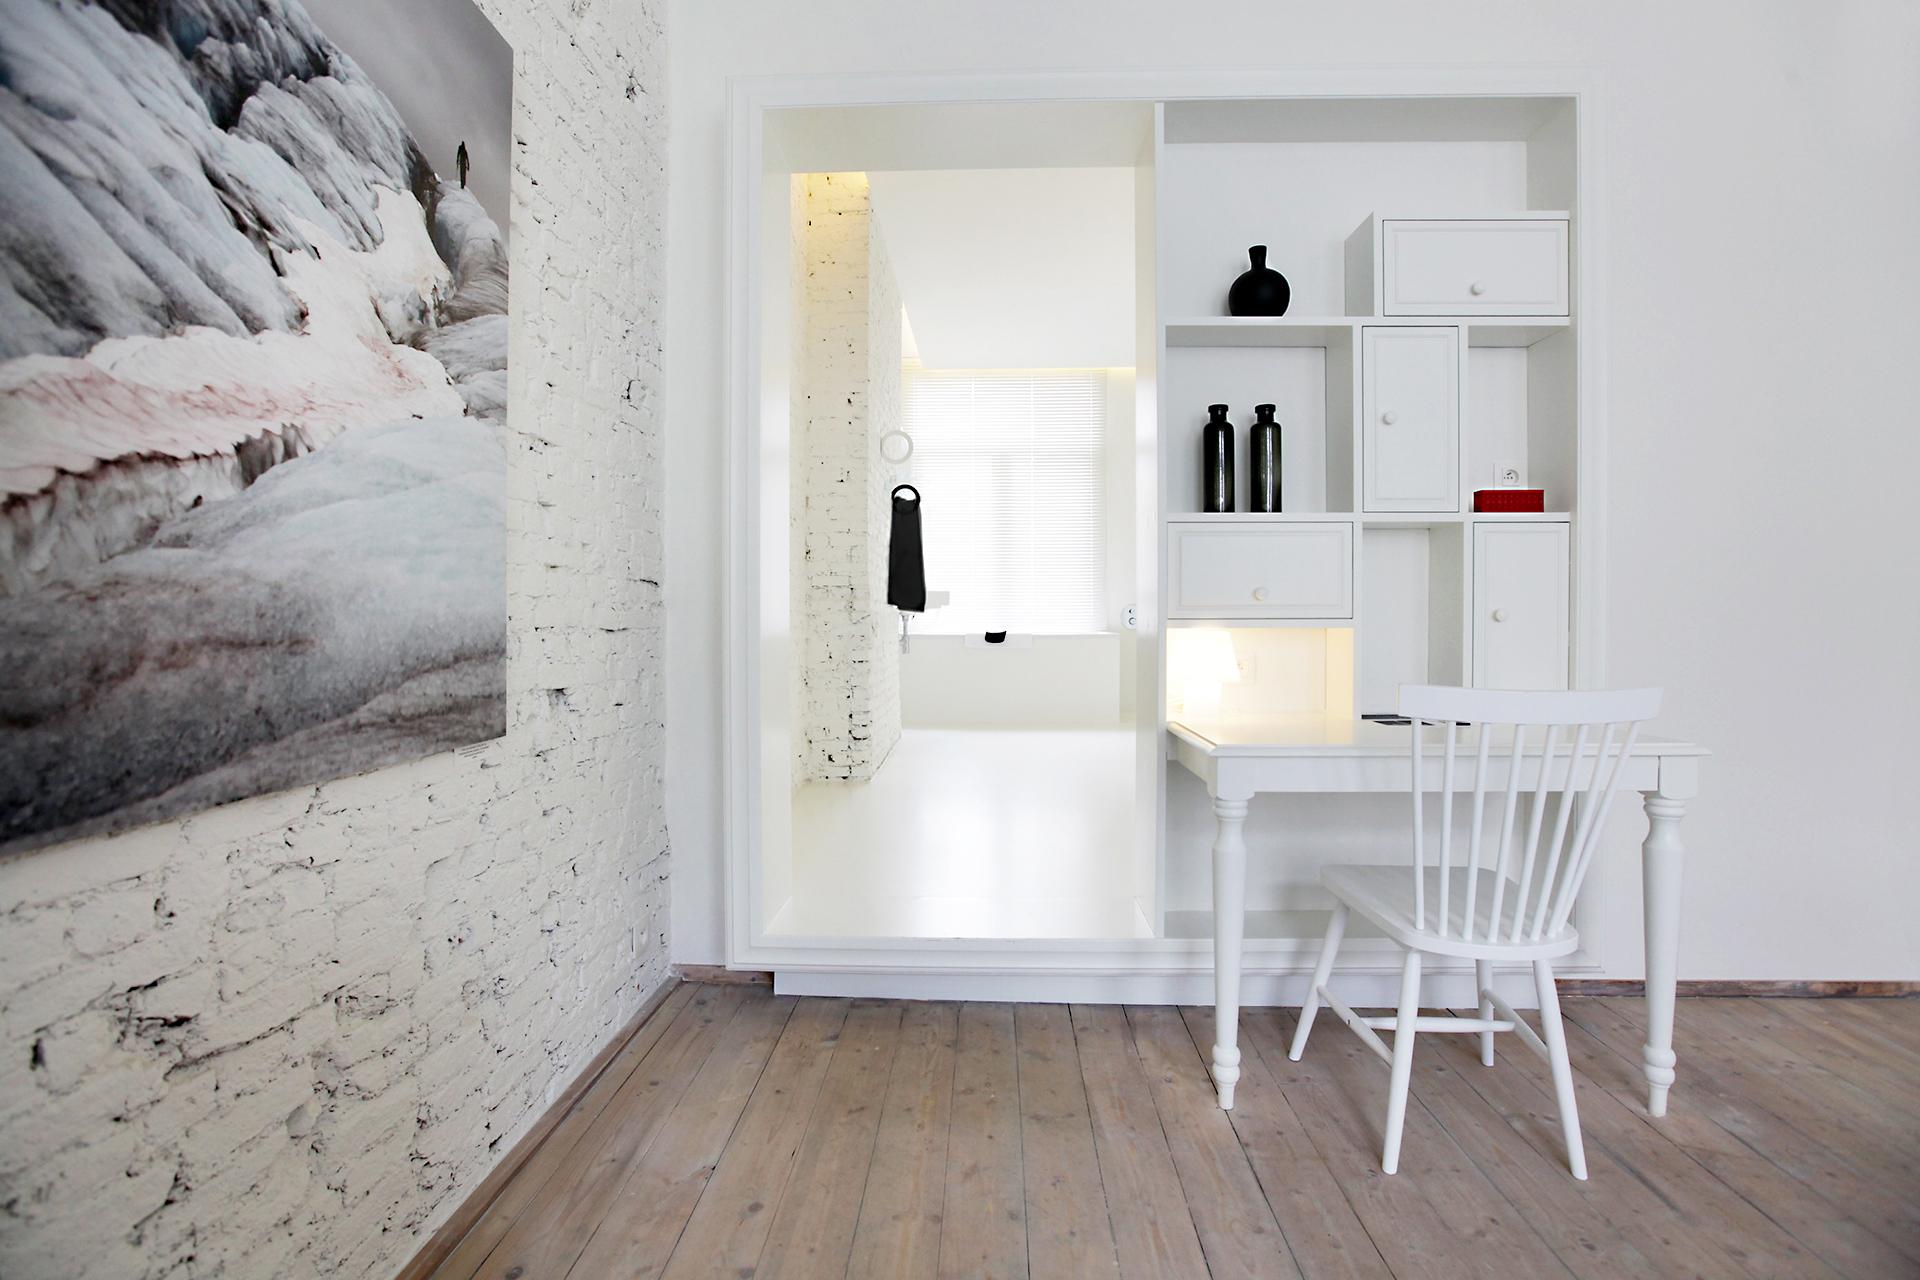 capaz-mirandakoopman-interieur-fotografie-maisonnationale-6686